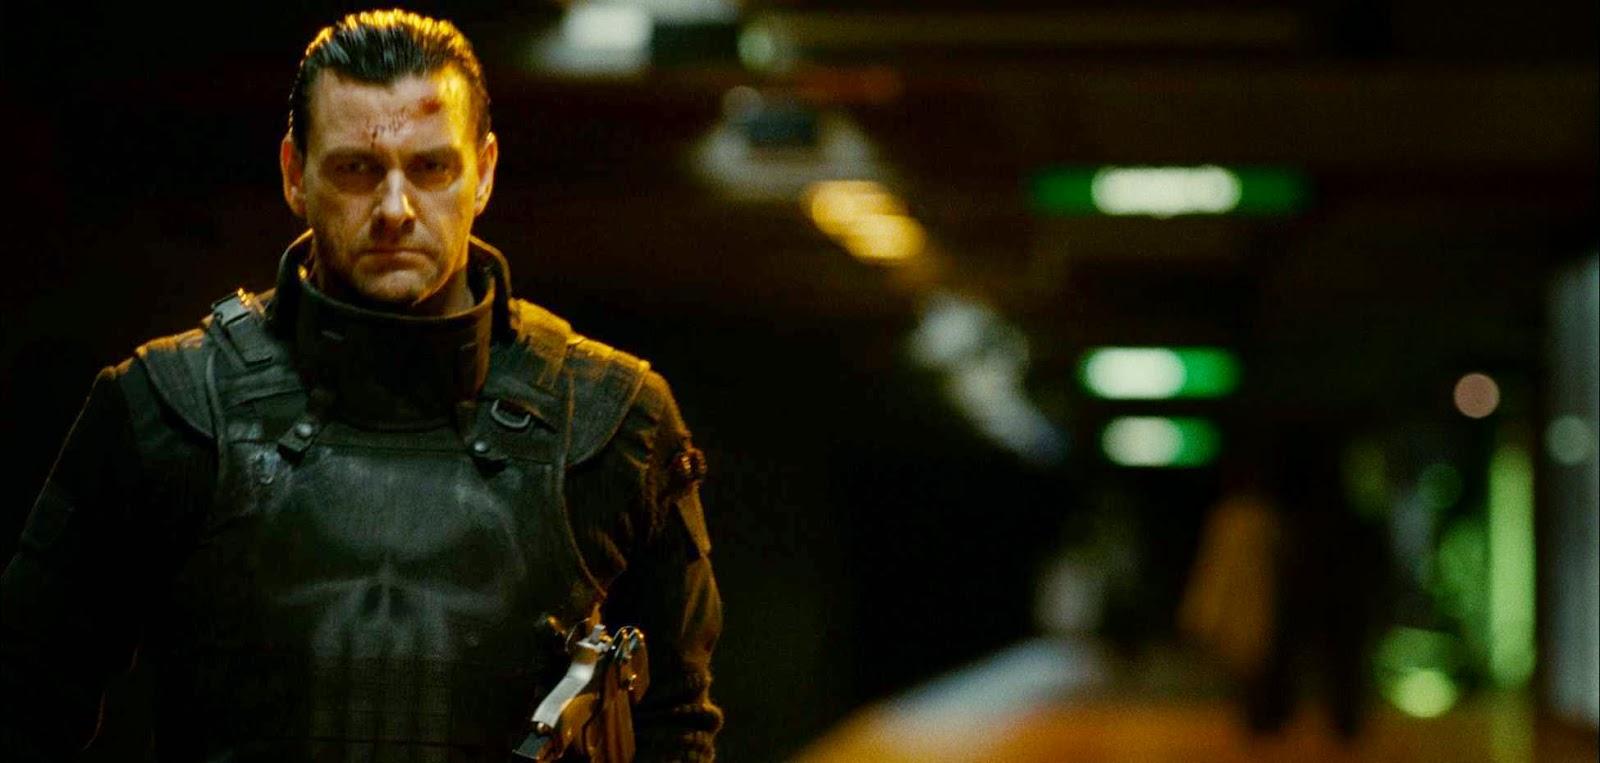 Rezenzja filmu Punisher War Zone 2008, Ray Stevenson | Zjadacz Filmów